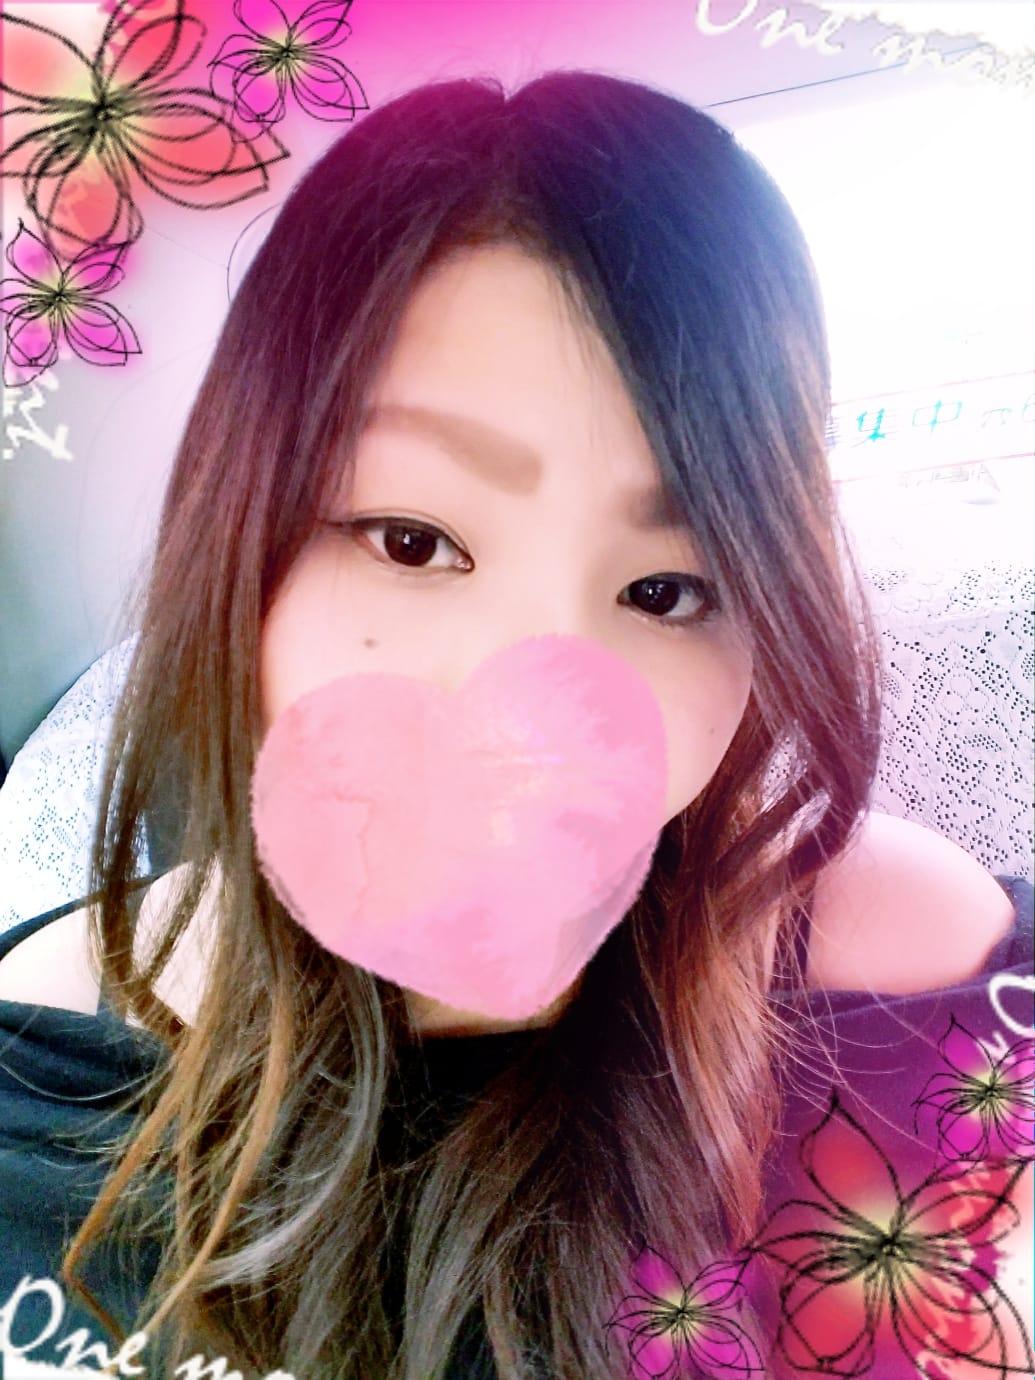 「本日も」04/24(火) 02:45 | 瑠璃花-るりかの写メ・風俗動画